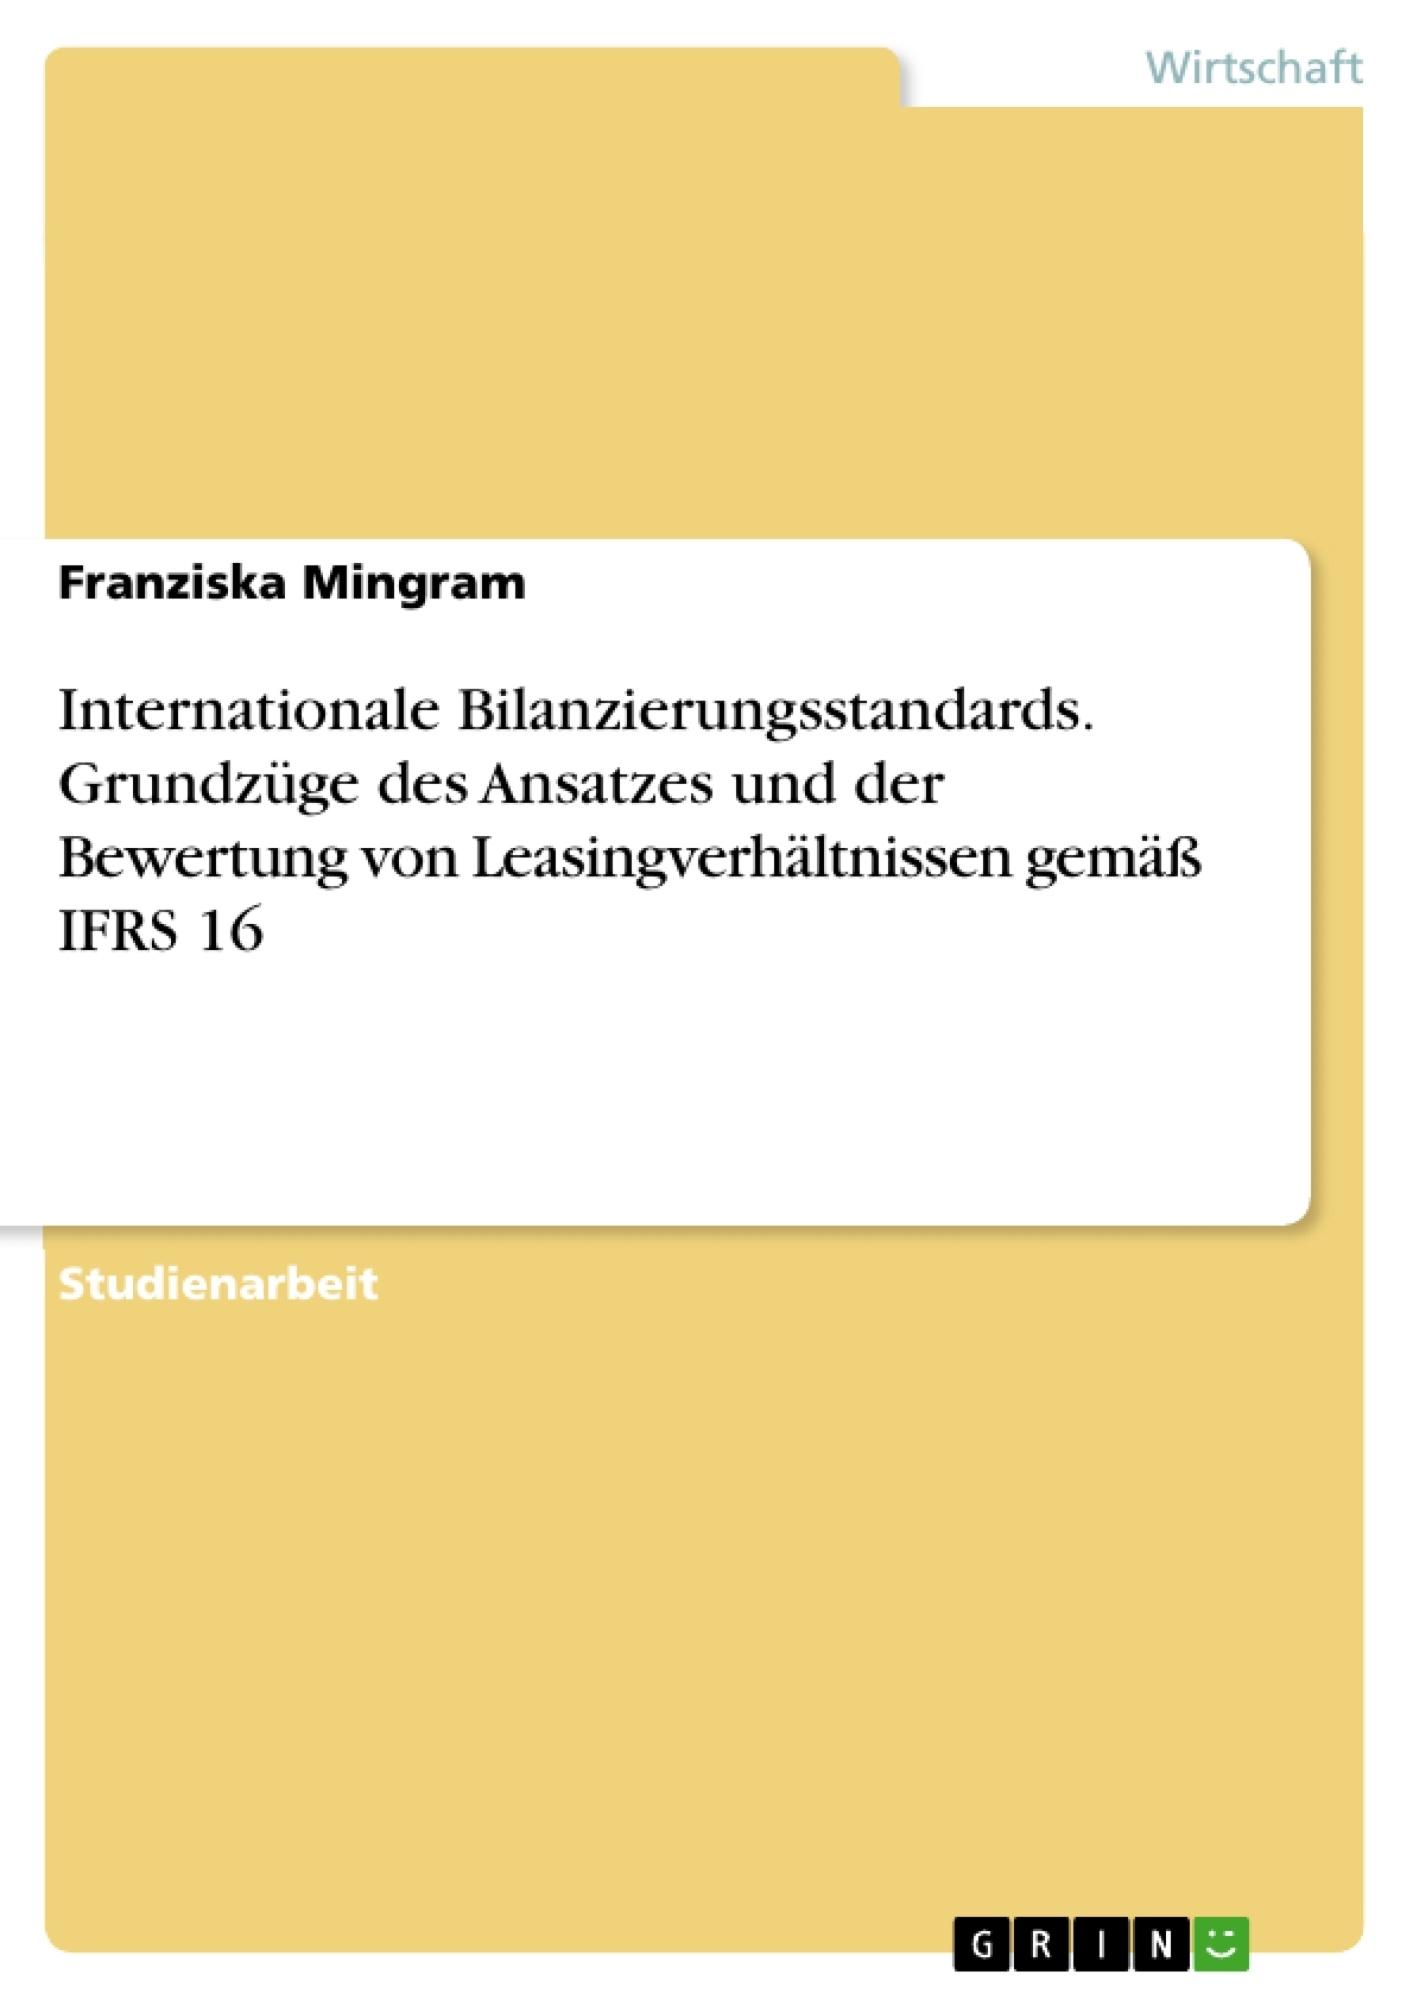 Titel: Internationale Bilanzierungsstandards. Grundzüge des Ansatzes und der Bewertung von Leasingverhältnissen gemäß IFRS 16